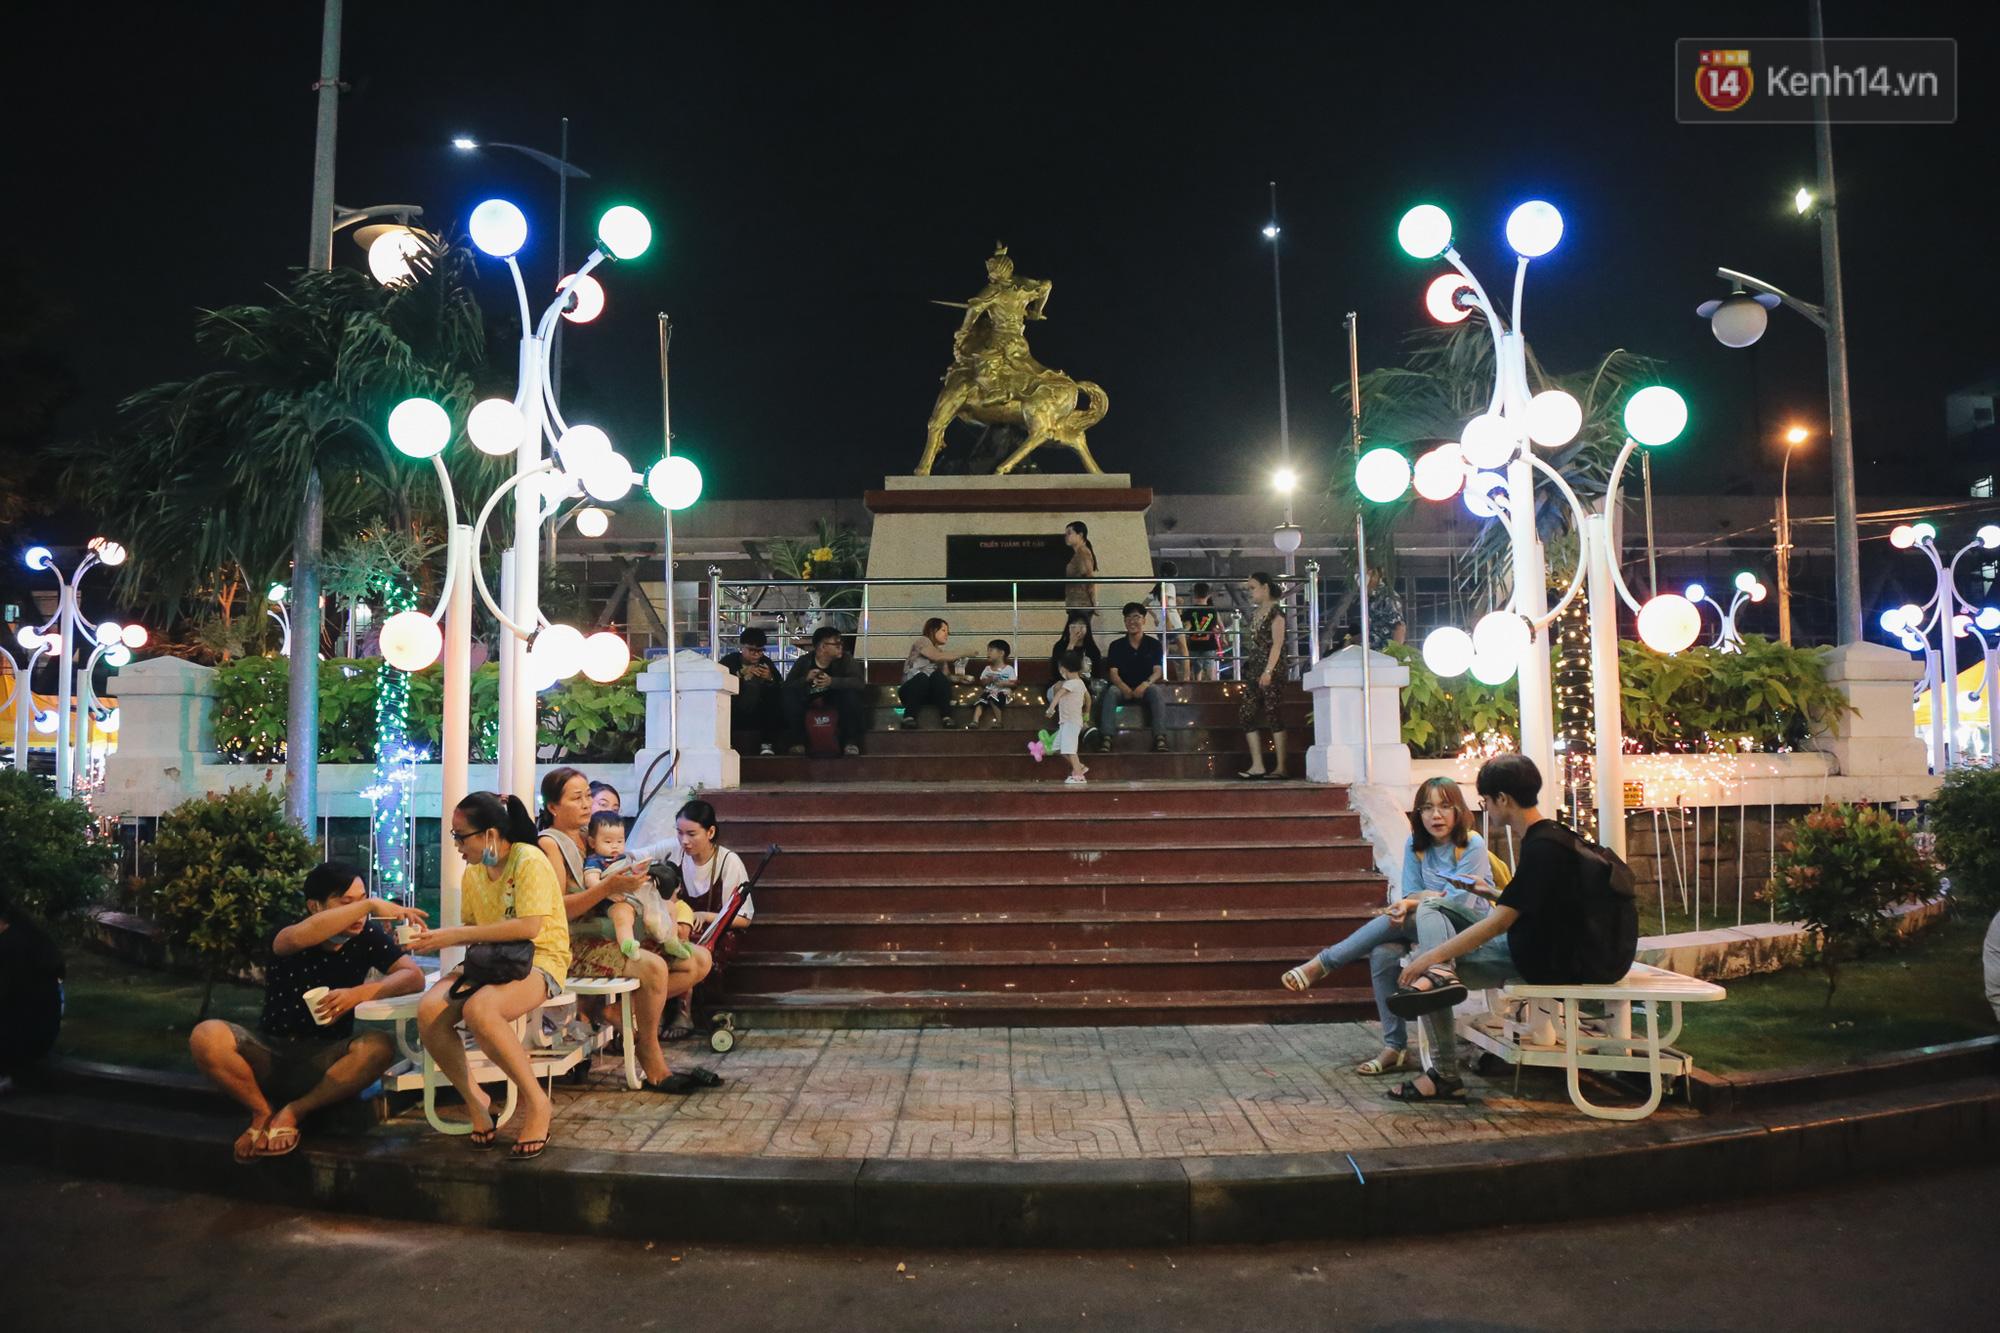 Cận cảnh phố đi bộ đêm thứ 3 vừa hoạt động thử nghiệm ở Sài Gòn - Ảnh 9.